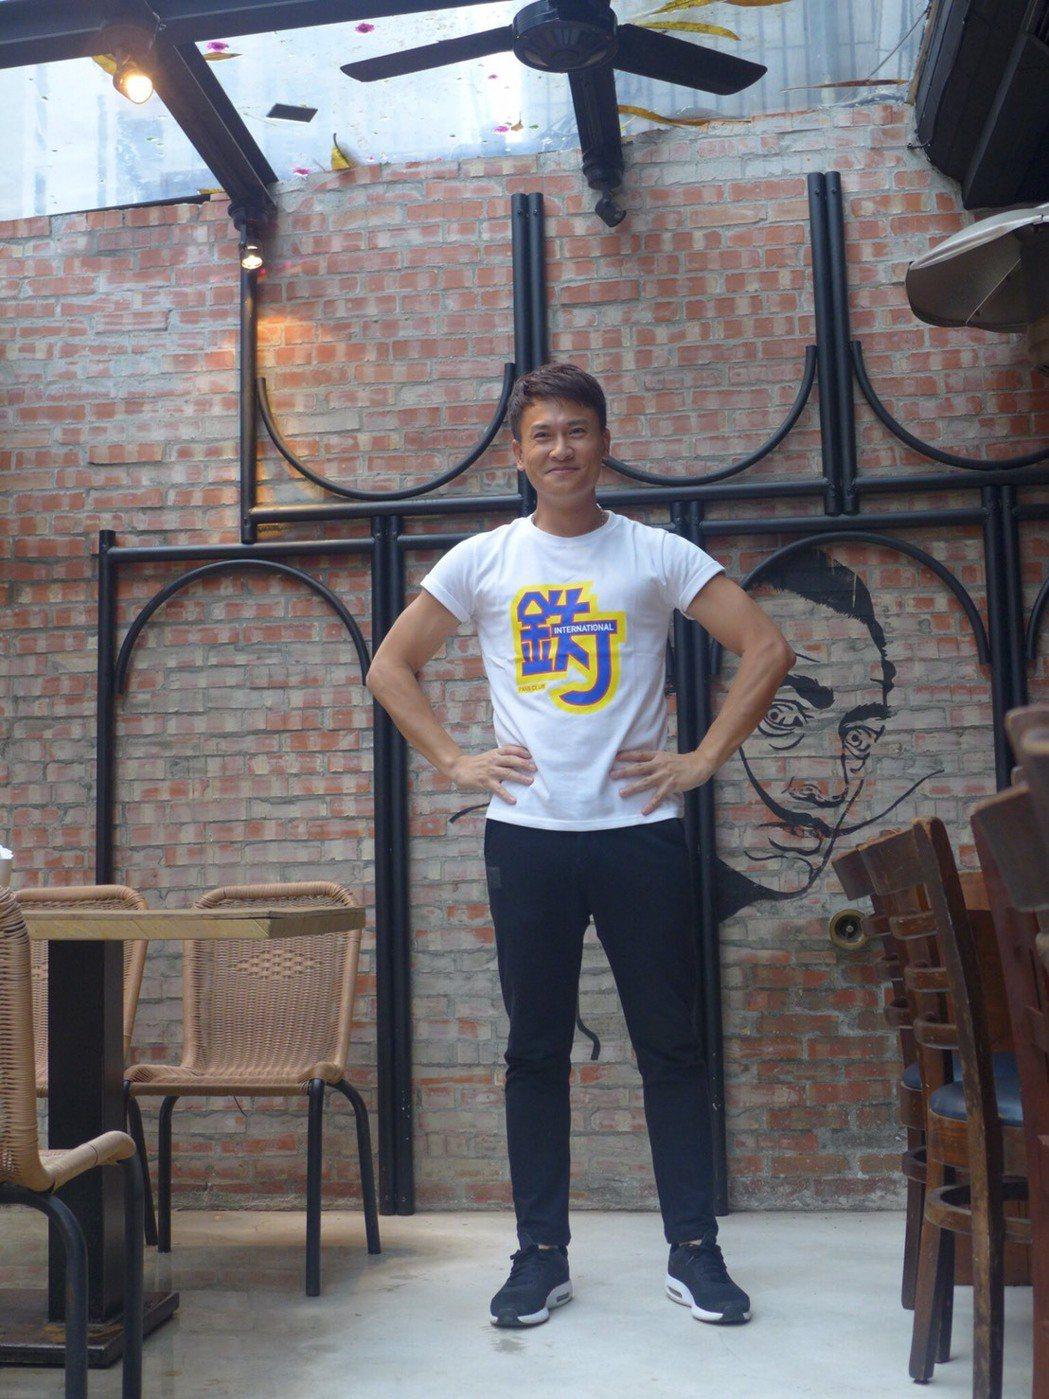 王建復穿上自製T恤,組「鐵J」粉絲會,但也有人看成「鐵丁」。圖/民視提供